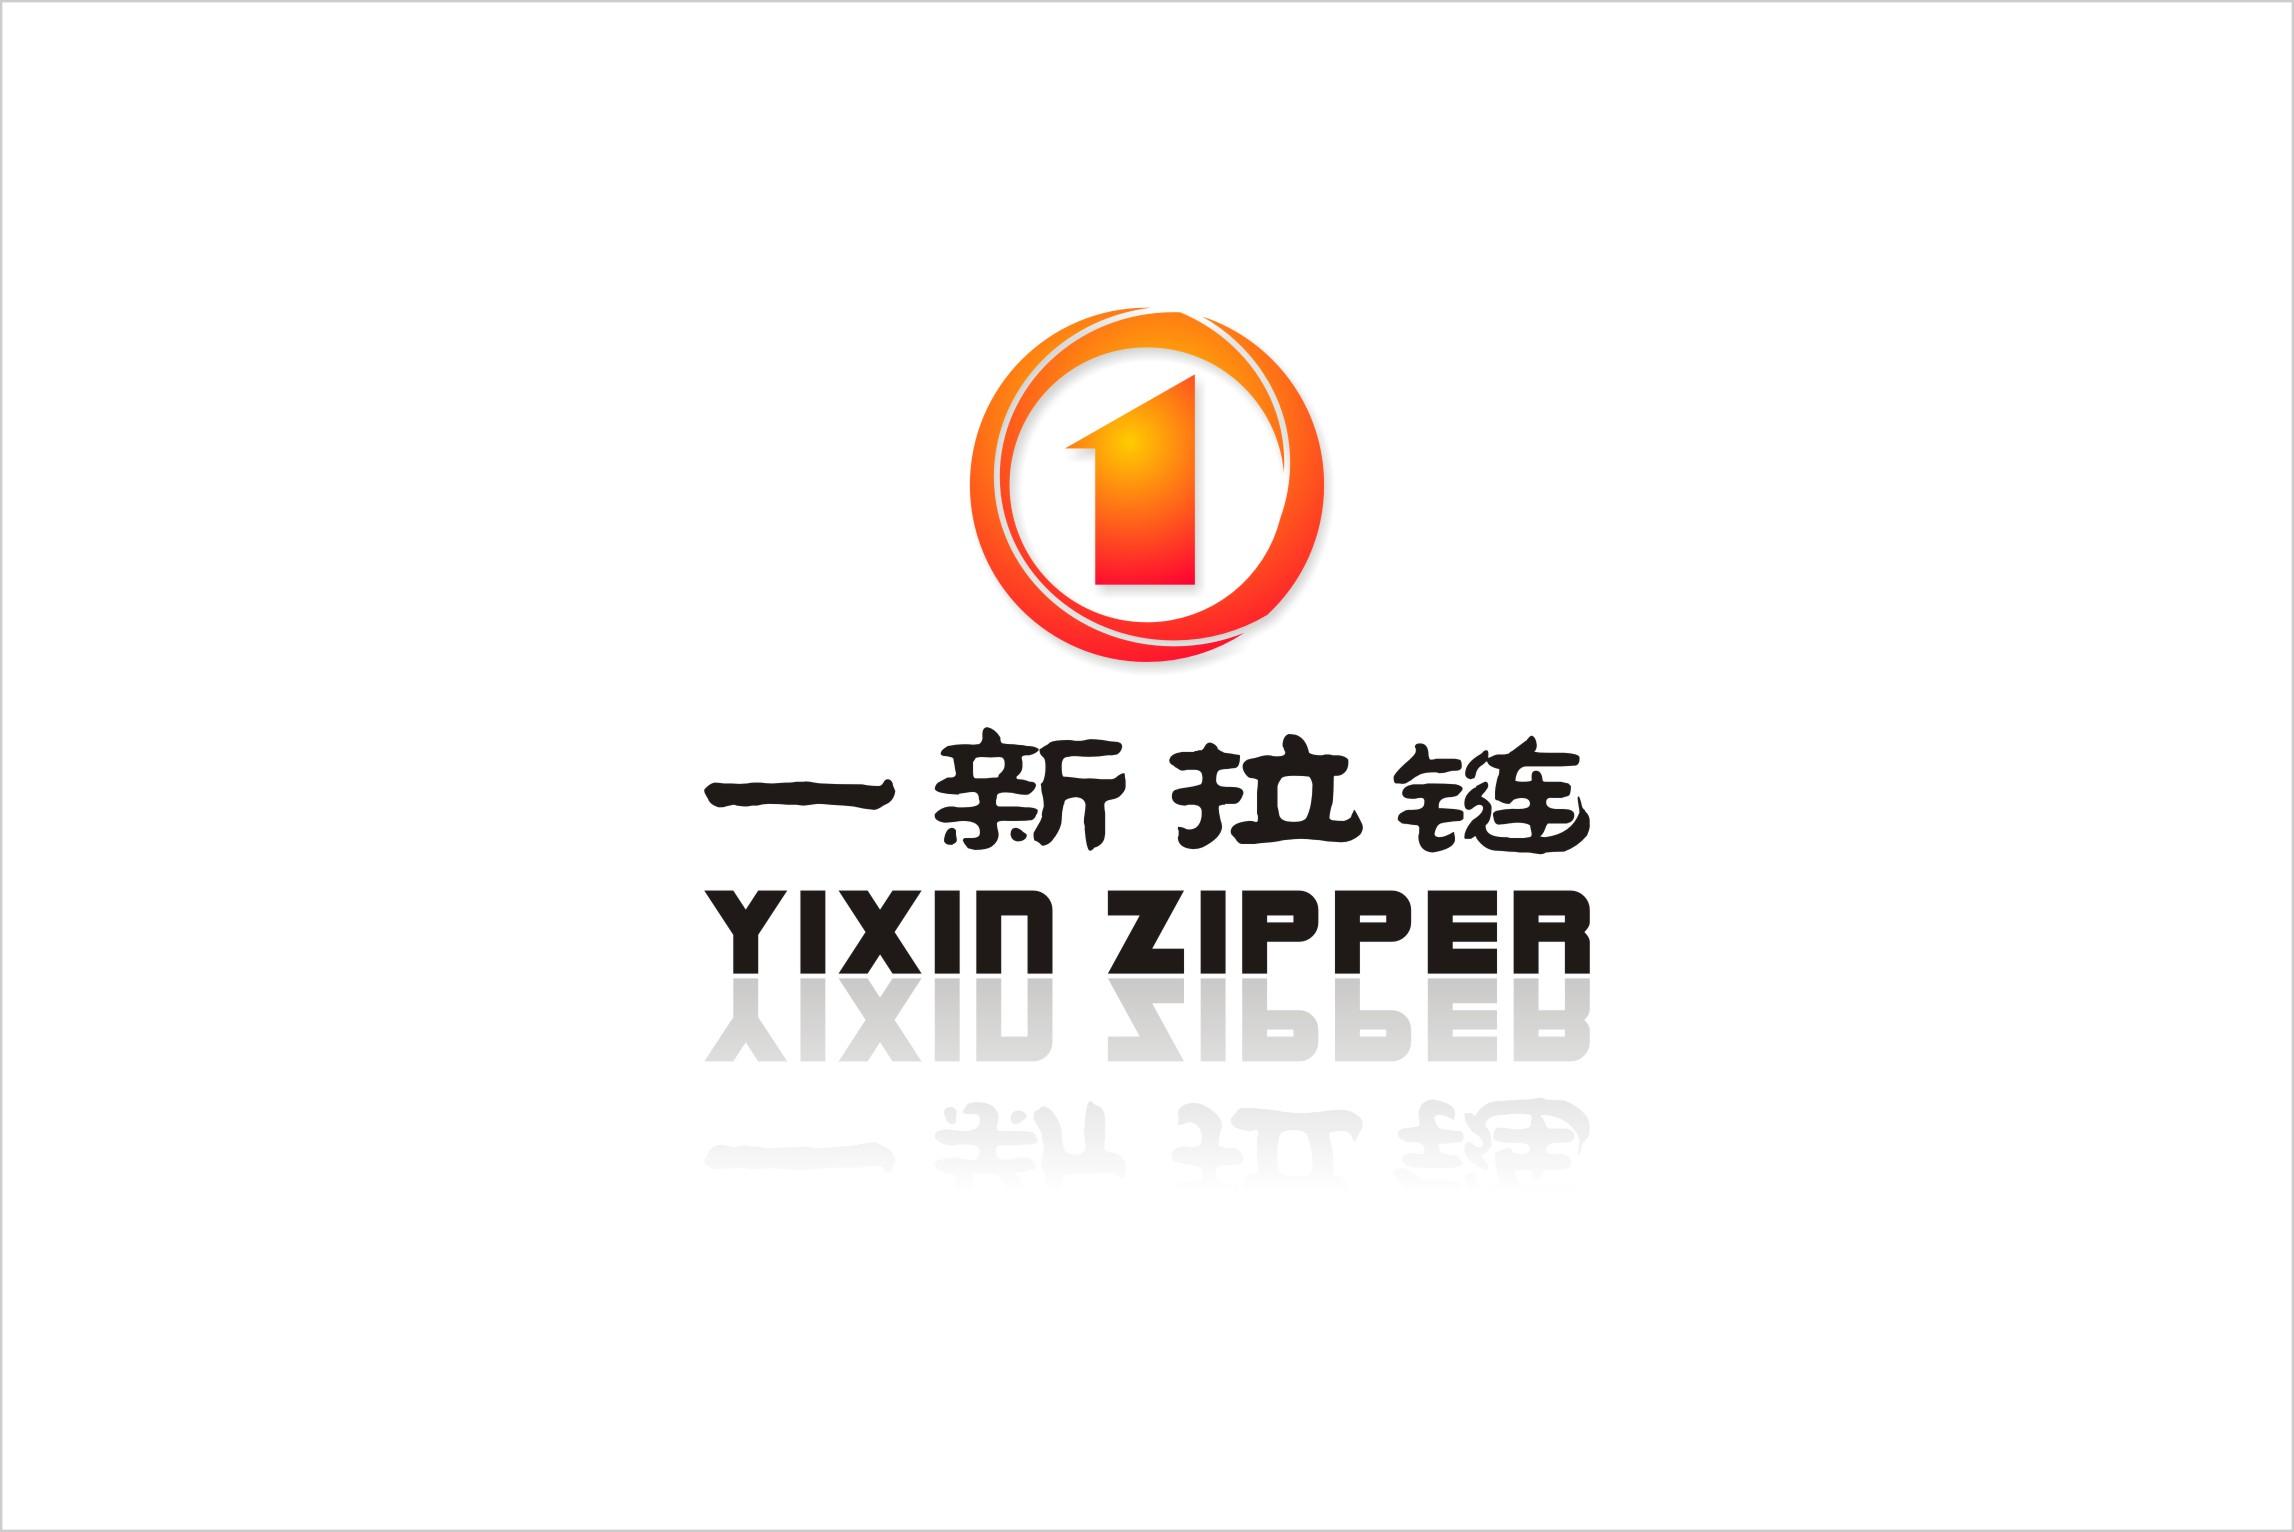 主营业务:服装辅料 公司名:一新拉链(辅料)公司yixin zipper logo设计要求:1,大气,时尚,简洁,独特 2;采用便于印刷的色彩。 要求在较低分辨率下仍能较好显示。 3;提交作品请提供部分LOGO应用效果图,例如:名片、手提袋,咖啡杯、海报工牌、工作服、信封、便签、纸杯、雨伞、连锁店招牌、户外广告、车体广告等的搭配效果图。谢谢! 4、LOGO创意设计及寓意的文字说明。 5、最终提交 完整的、可用的矢量图形商标源文件。